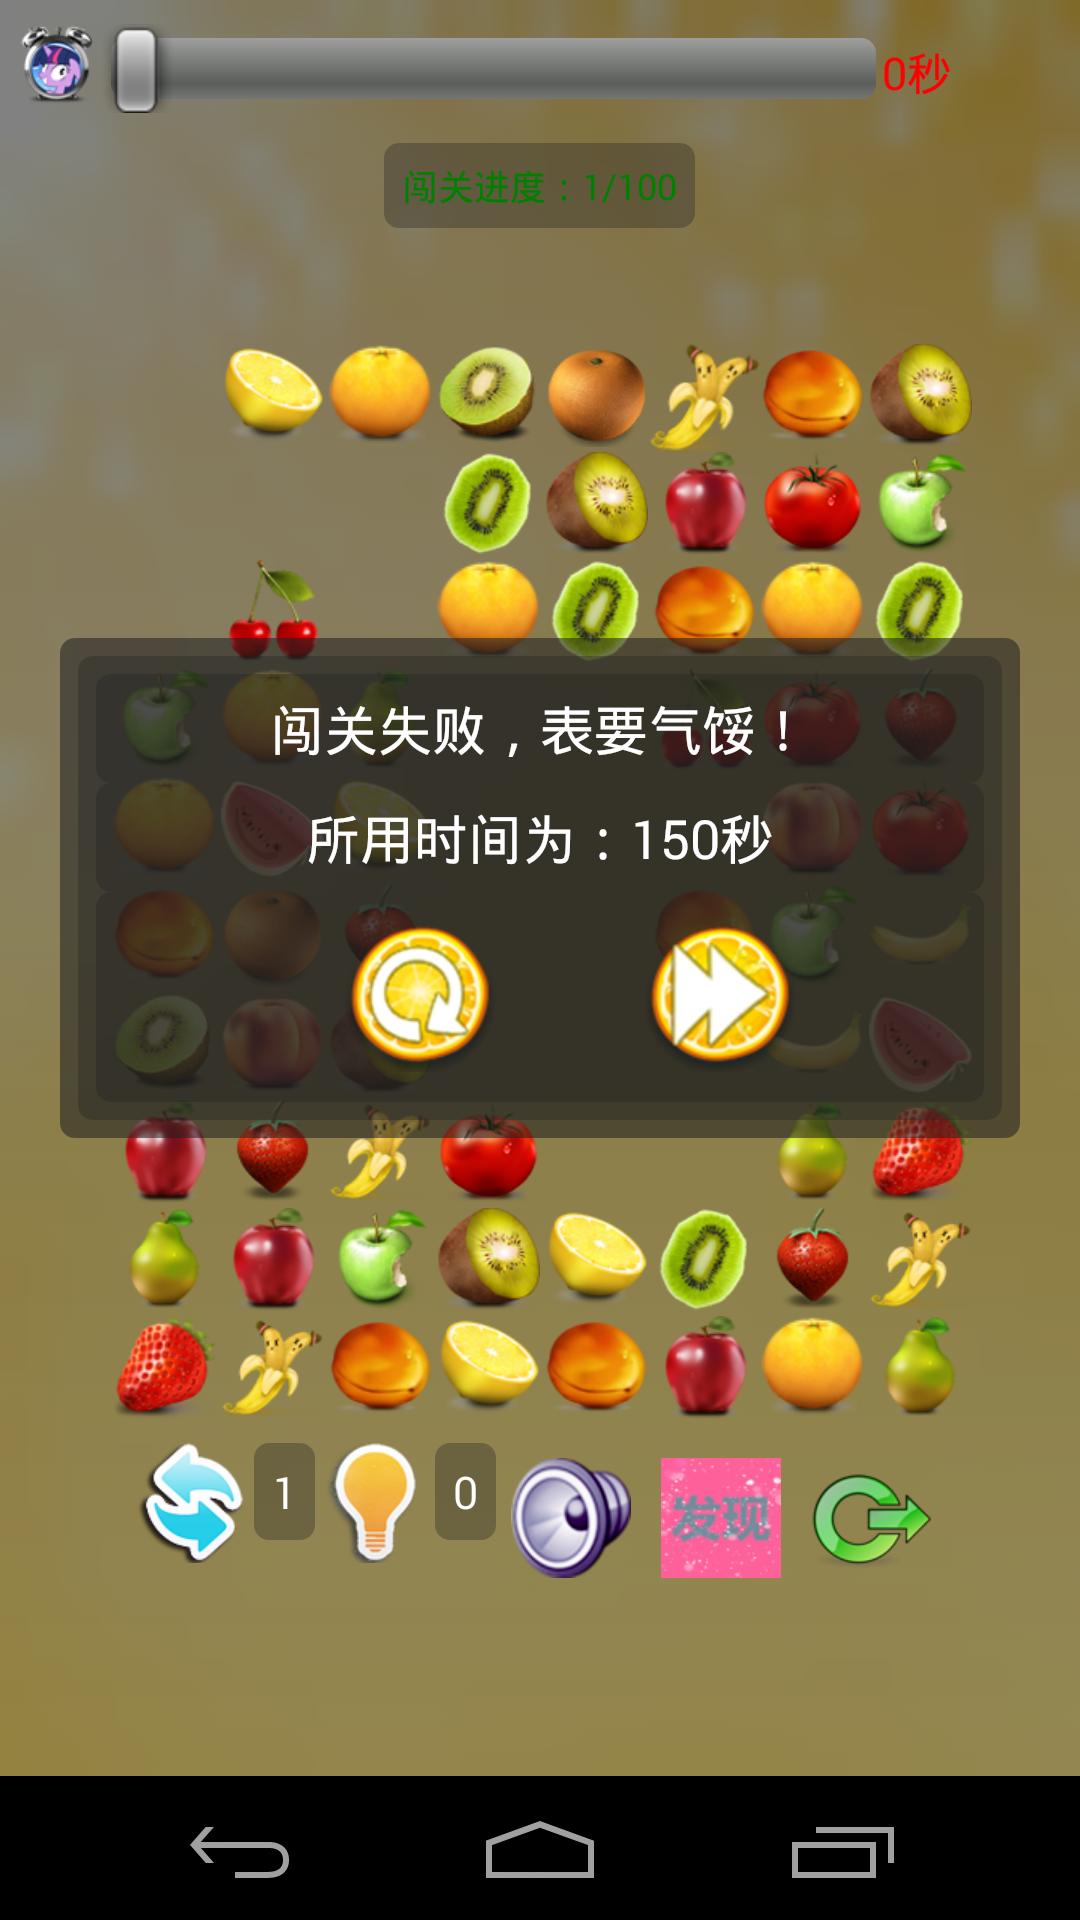 疯狂水果连连看(100关)——清新可爱的水果让人垂涎